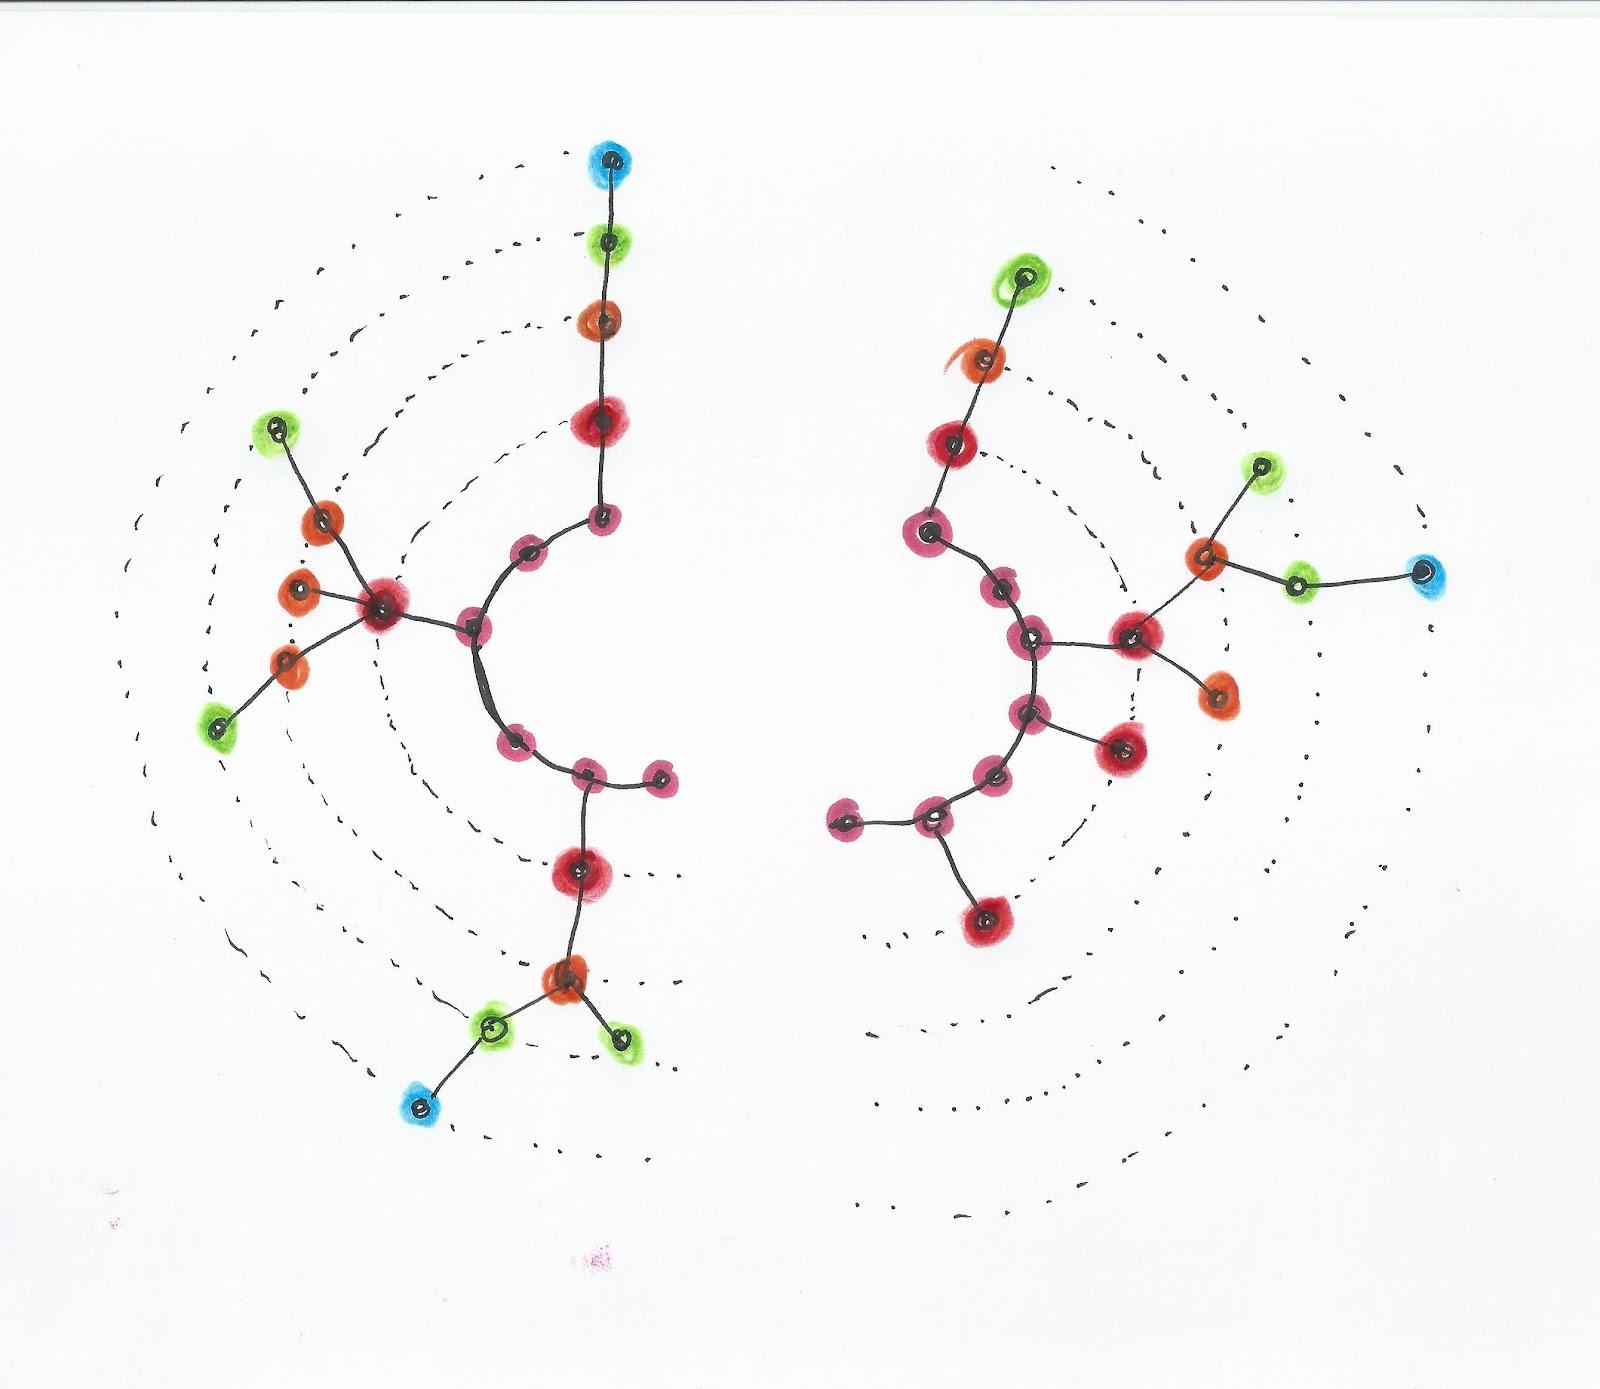 Multiloop dots2jpg